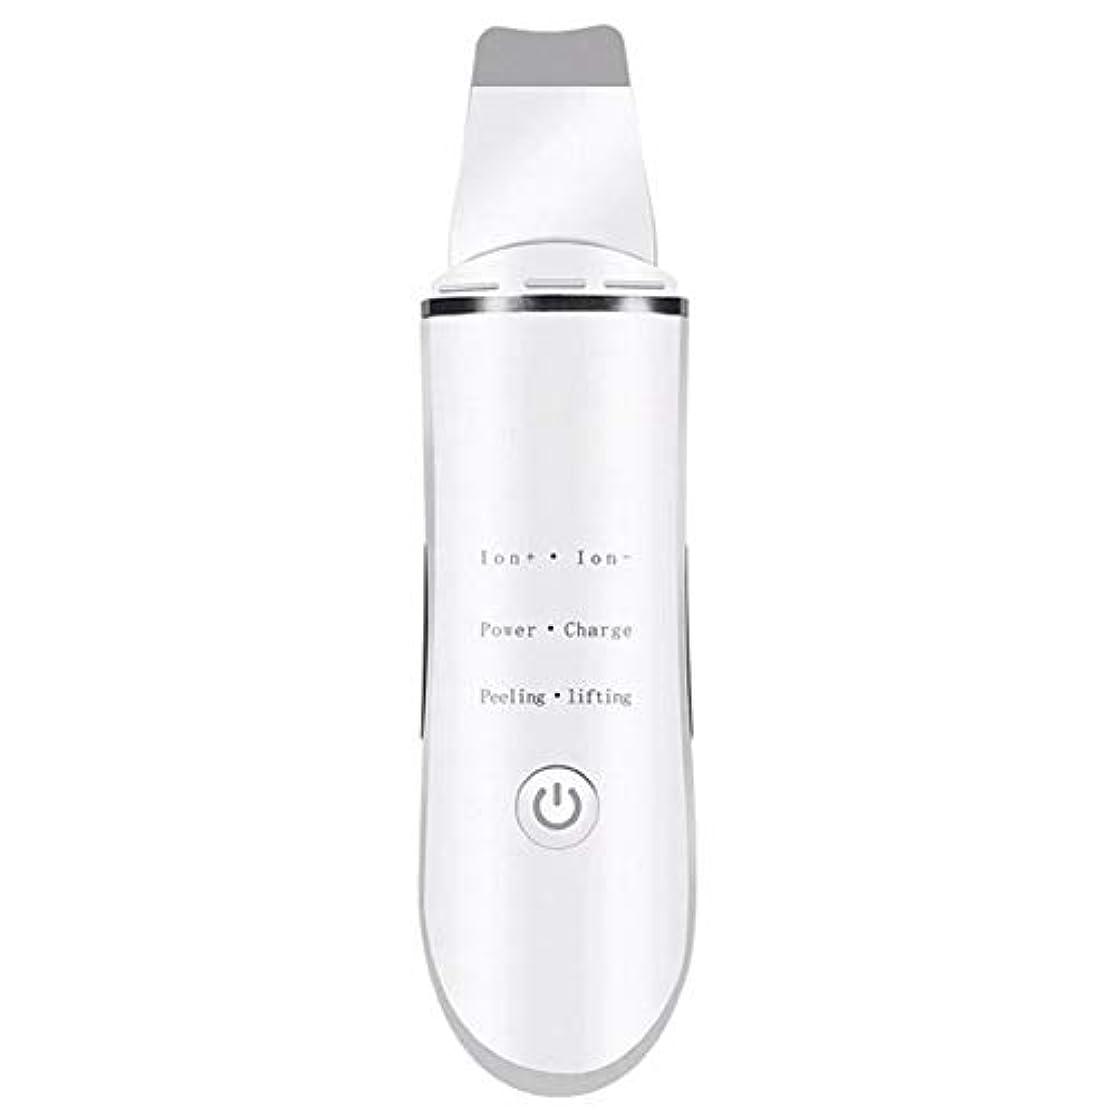 未就学枯渇する煩わしいにきび除去剤, にきびを取り除く きれいな毛穴 顔を持ち上げる 超音波ショベル イオンクリーニング 電気美容器具